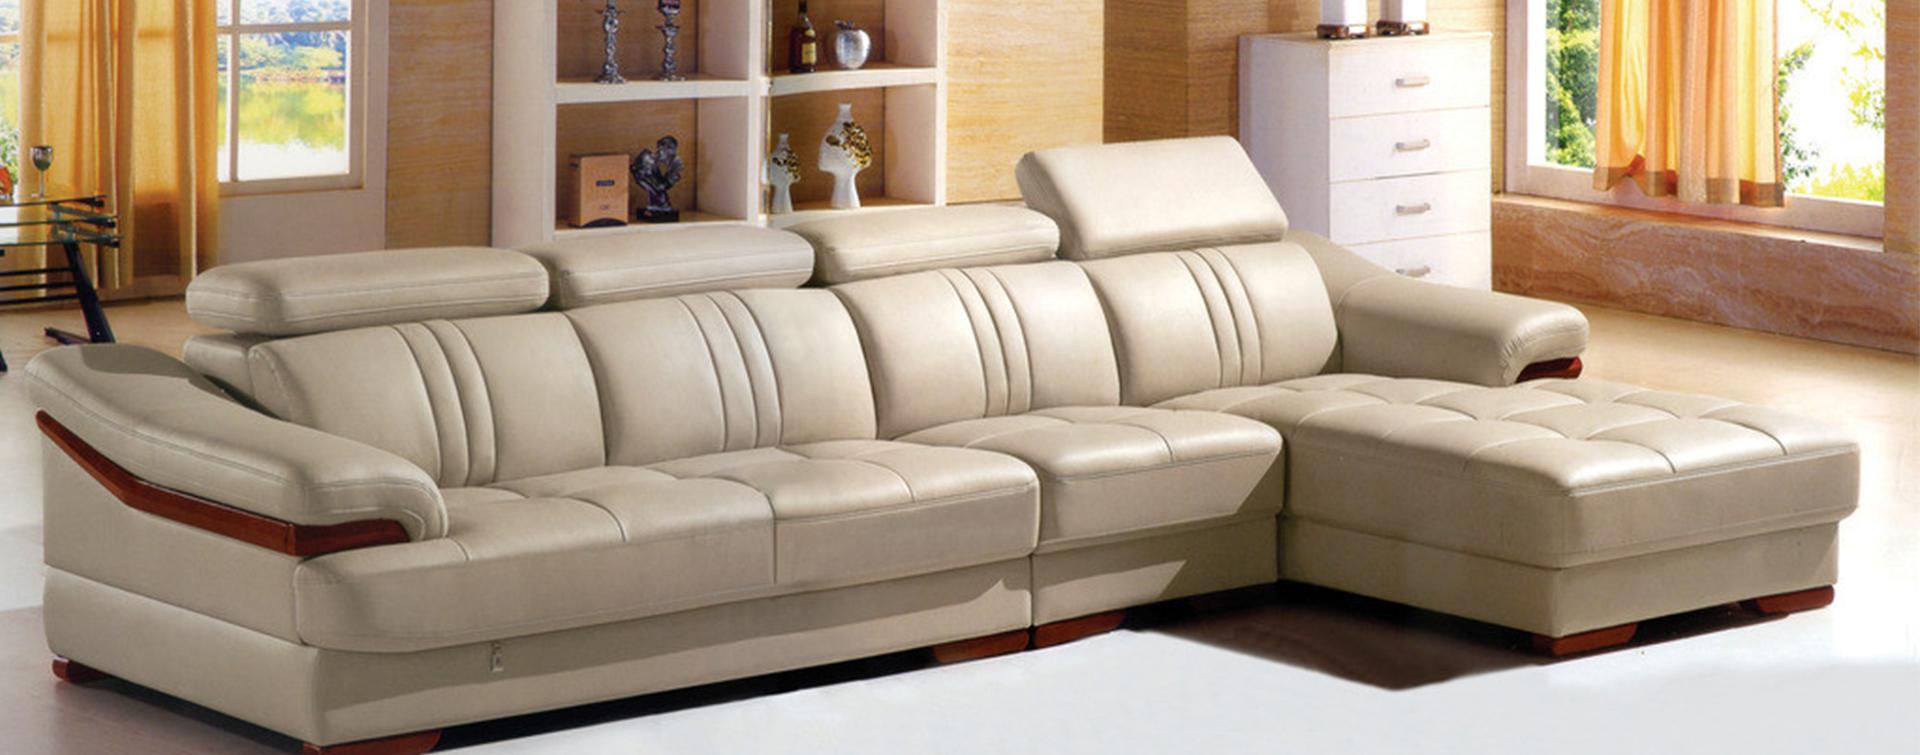 Sofa Accessories Sofa Accessories Check 4 Amazing Designs